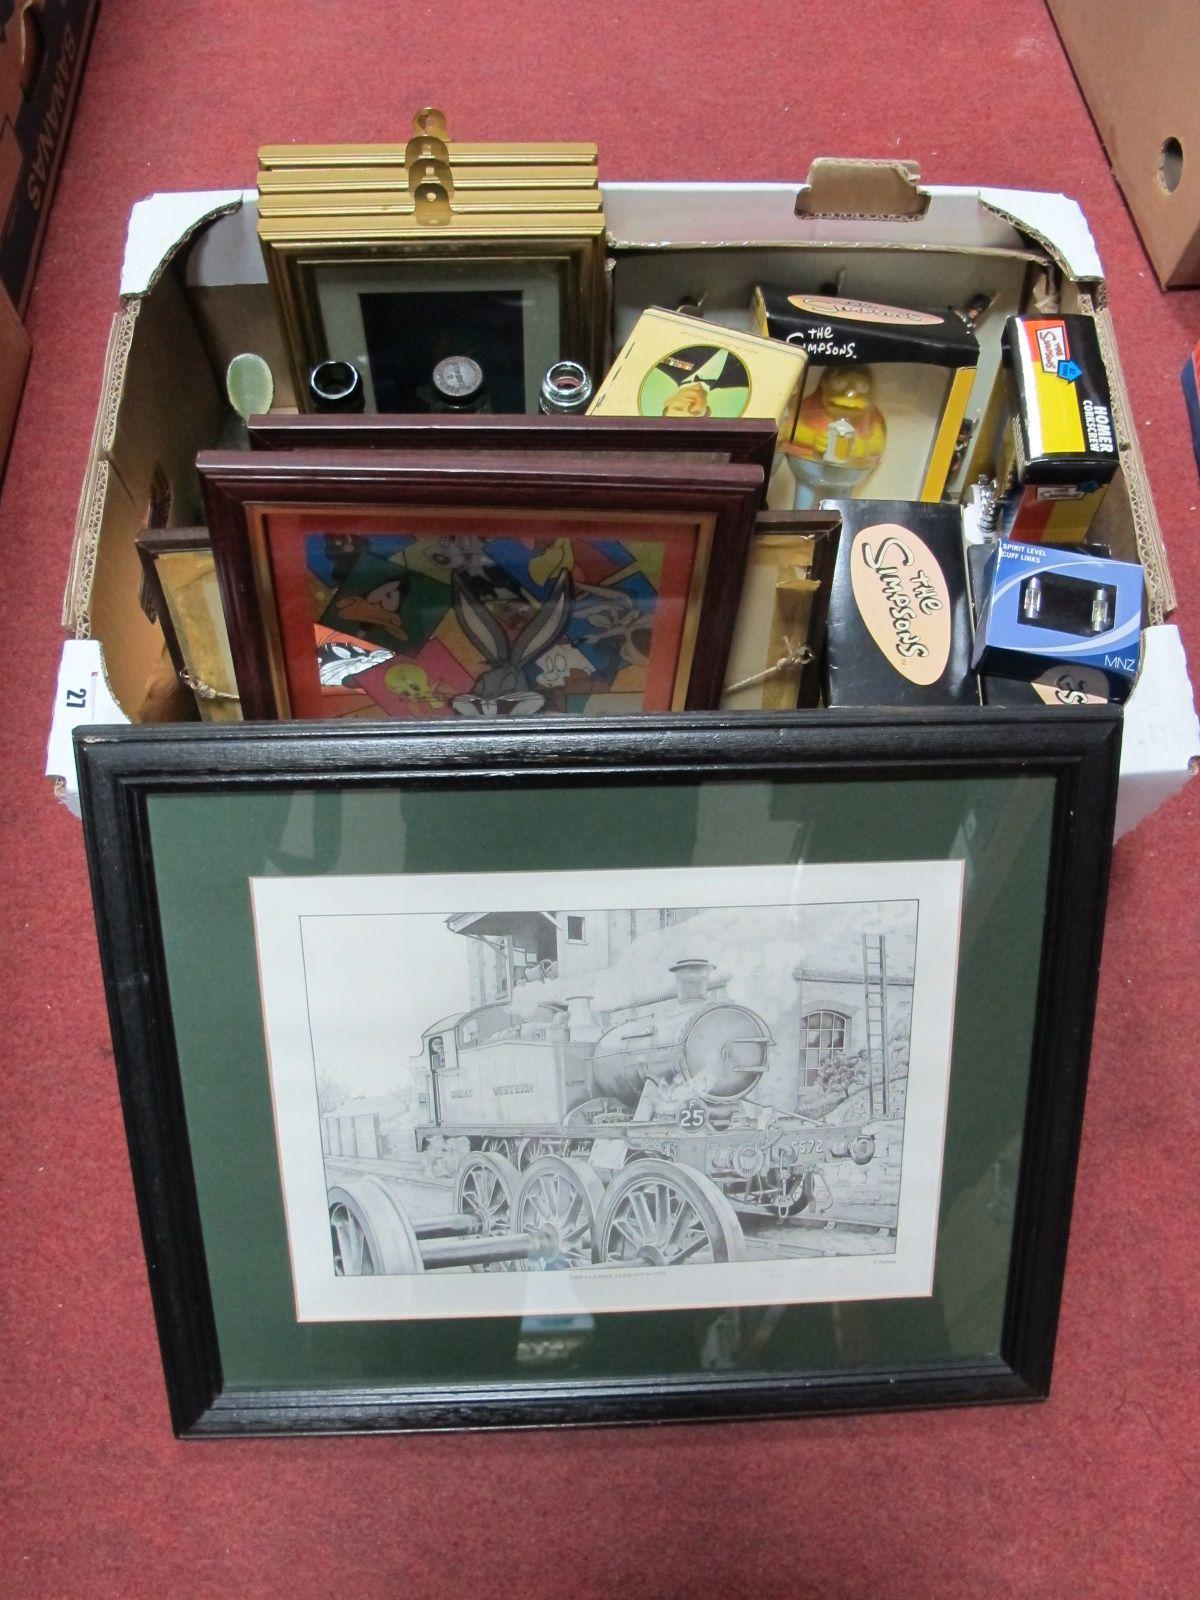 Lot 27 - XIX Century Bottles, The Simpsons Homer bottle opener, Homer corkscrew, pewter mugs, Barney bottle